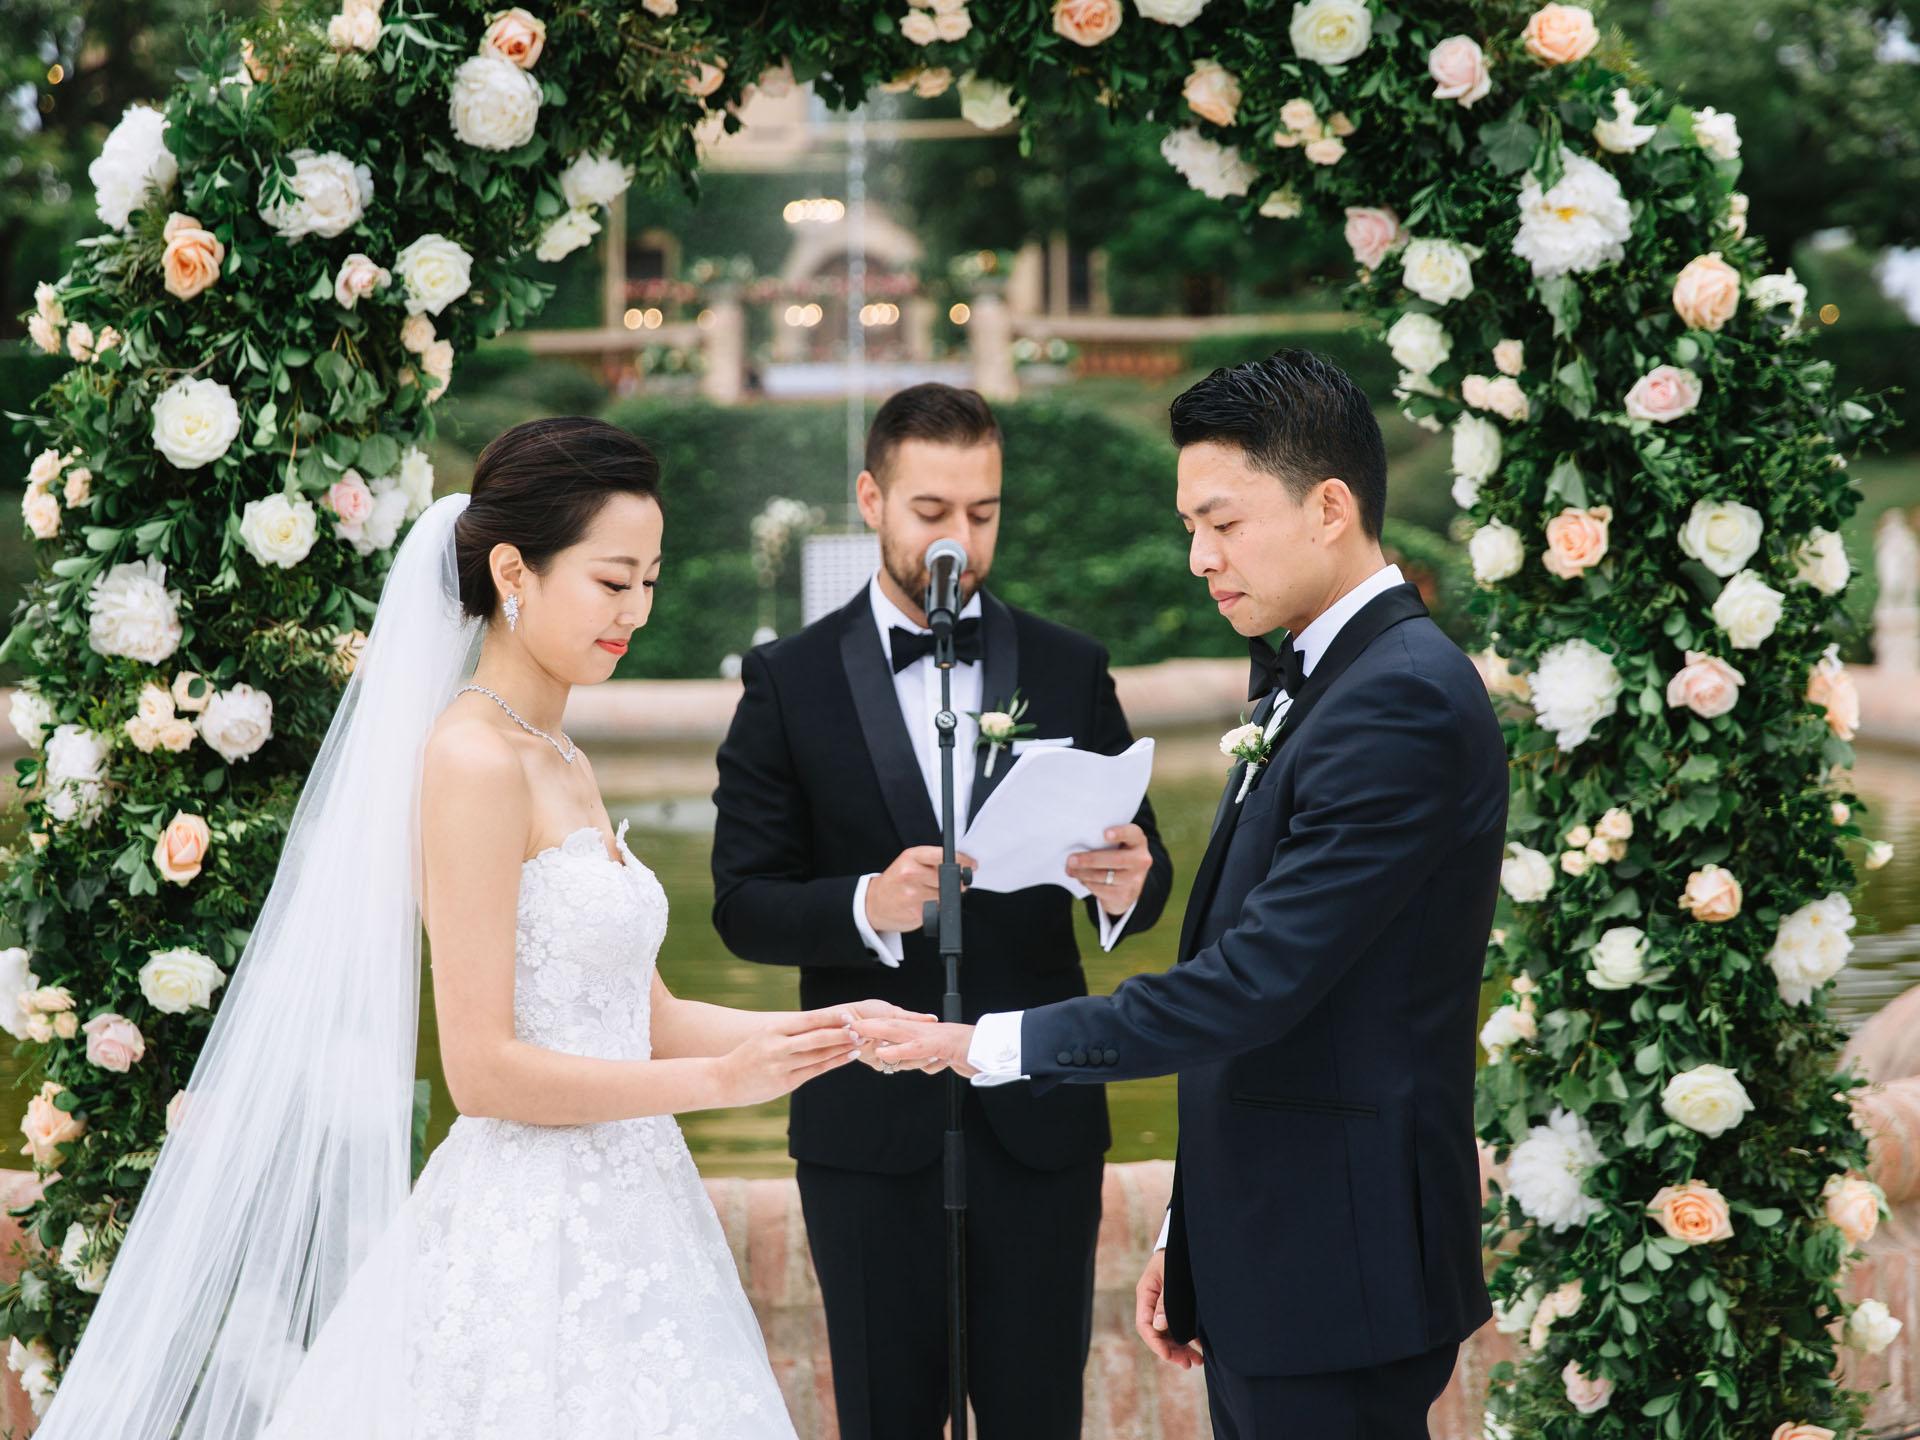 ceremonia-boda-ilusion